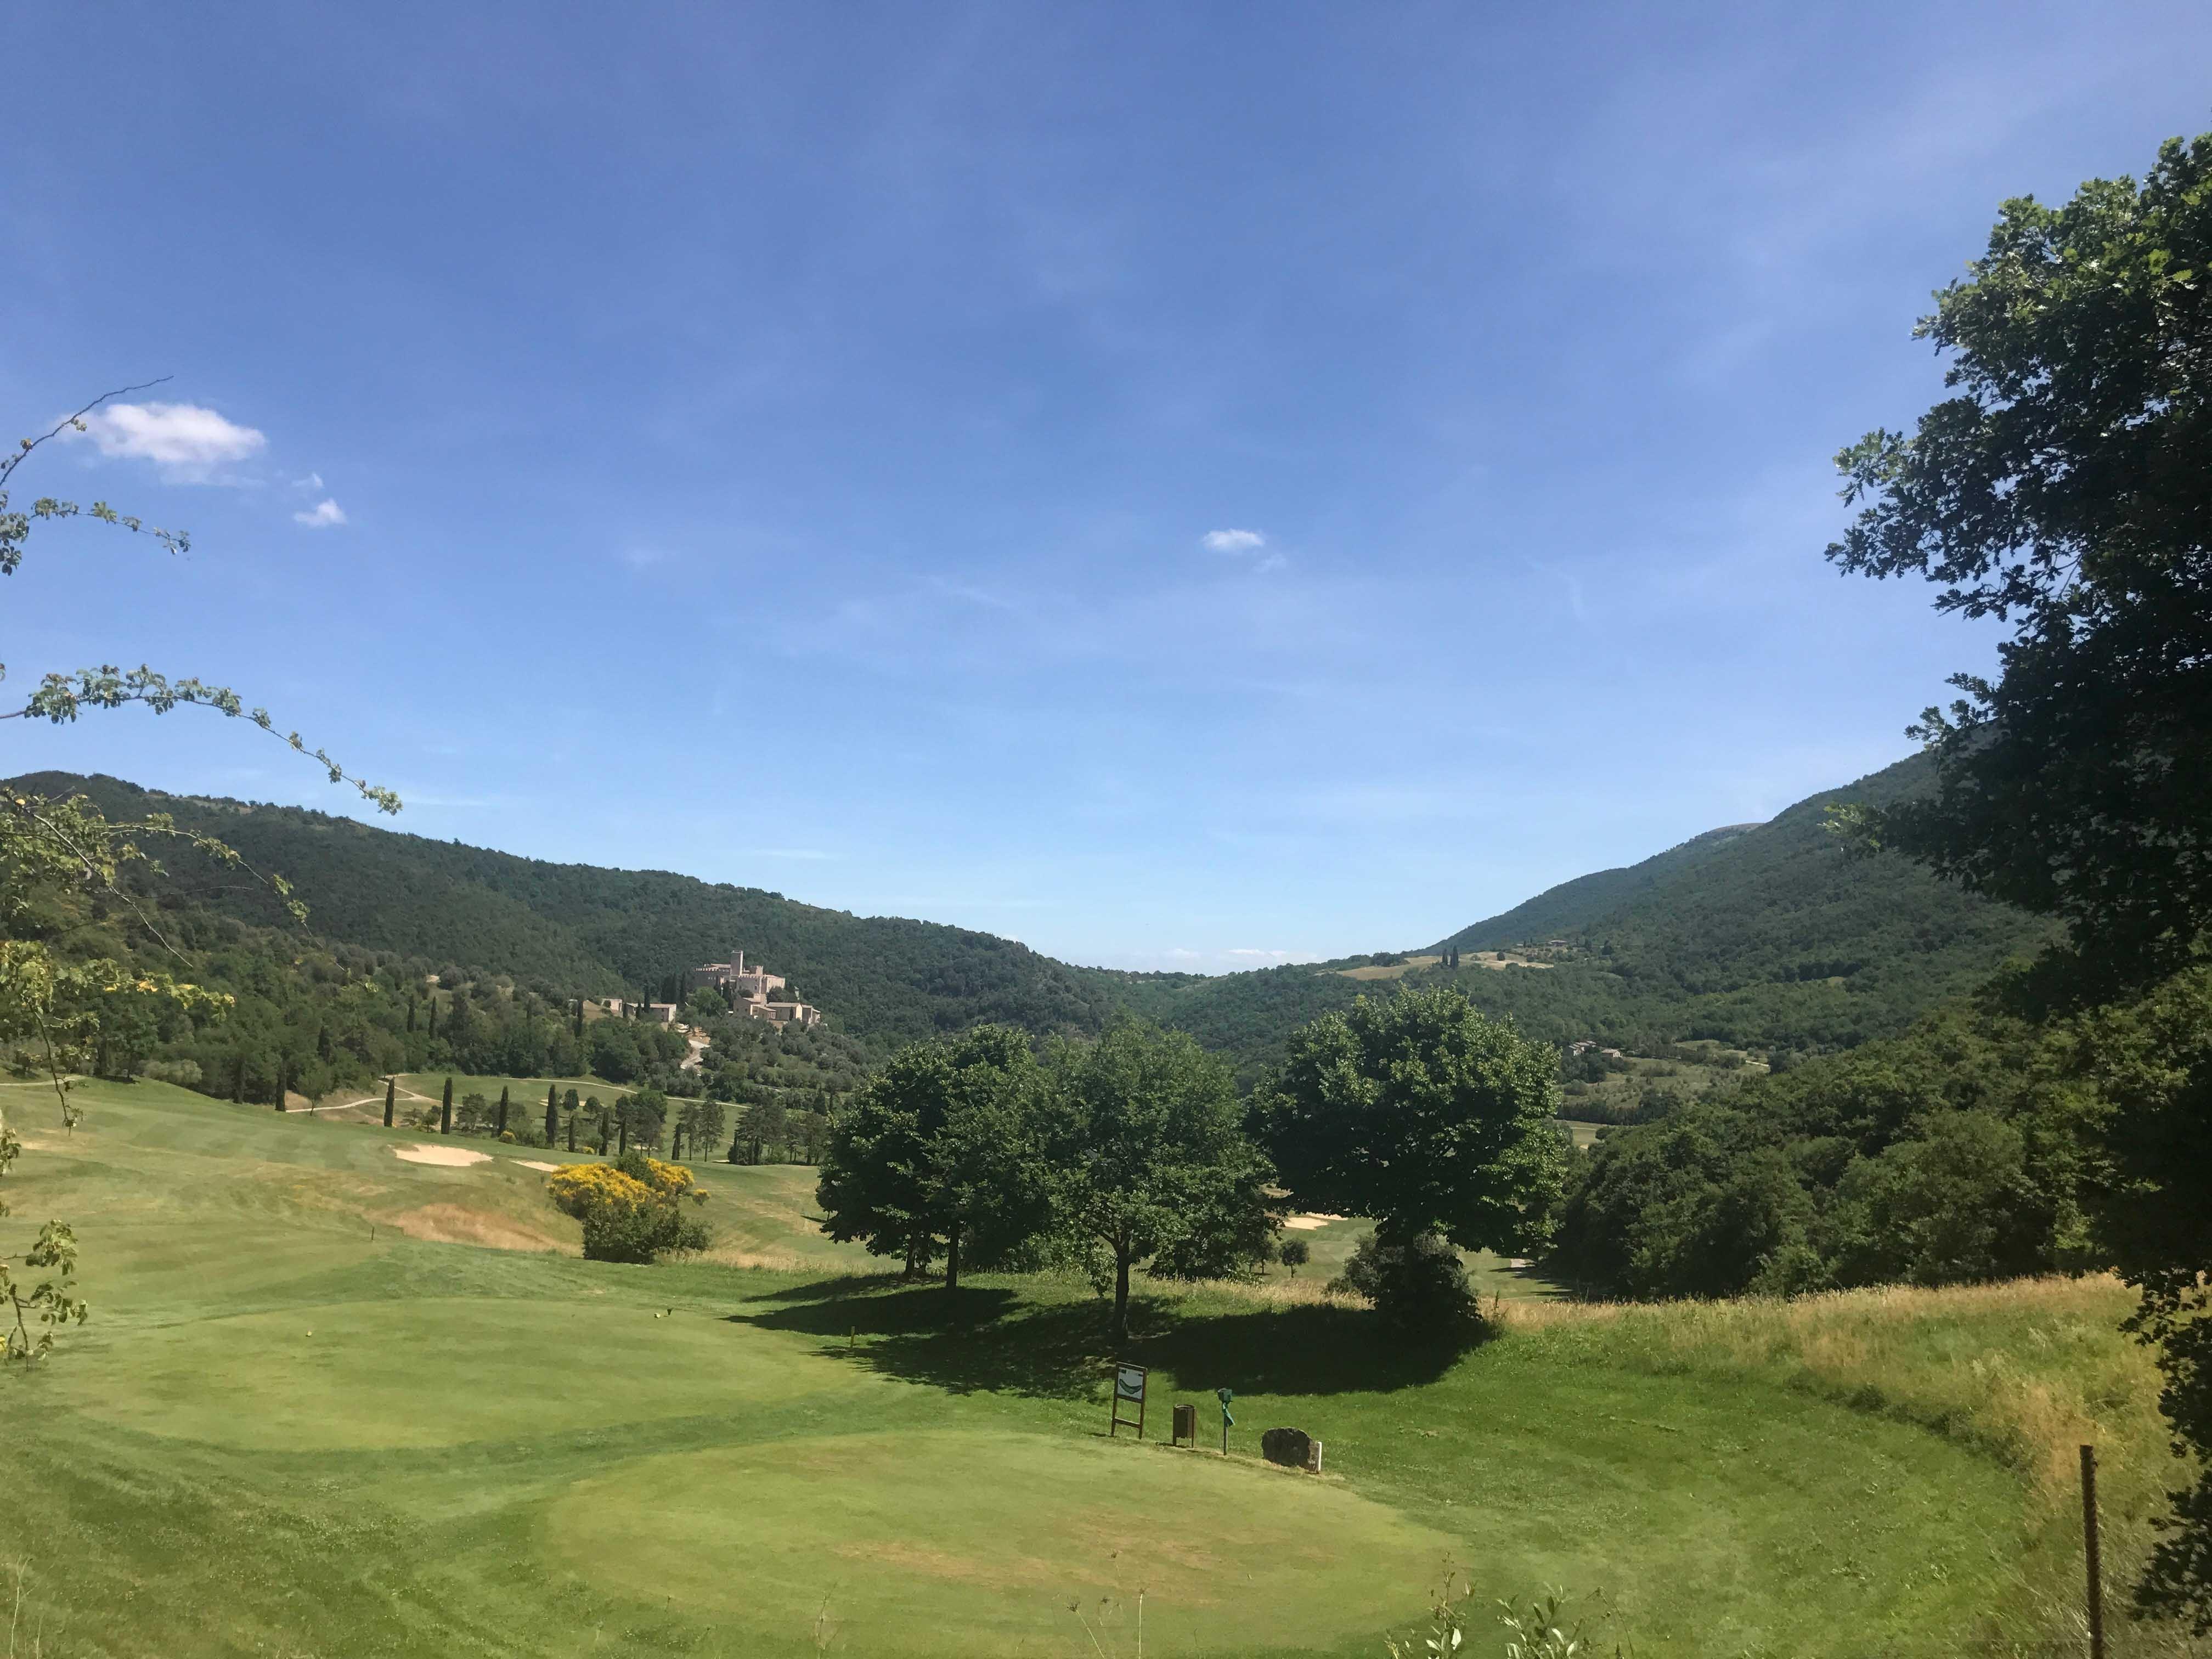 Golf Club Antognolla - الحدائق والمتنزهات العامة الخضراء